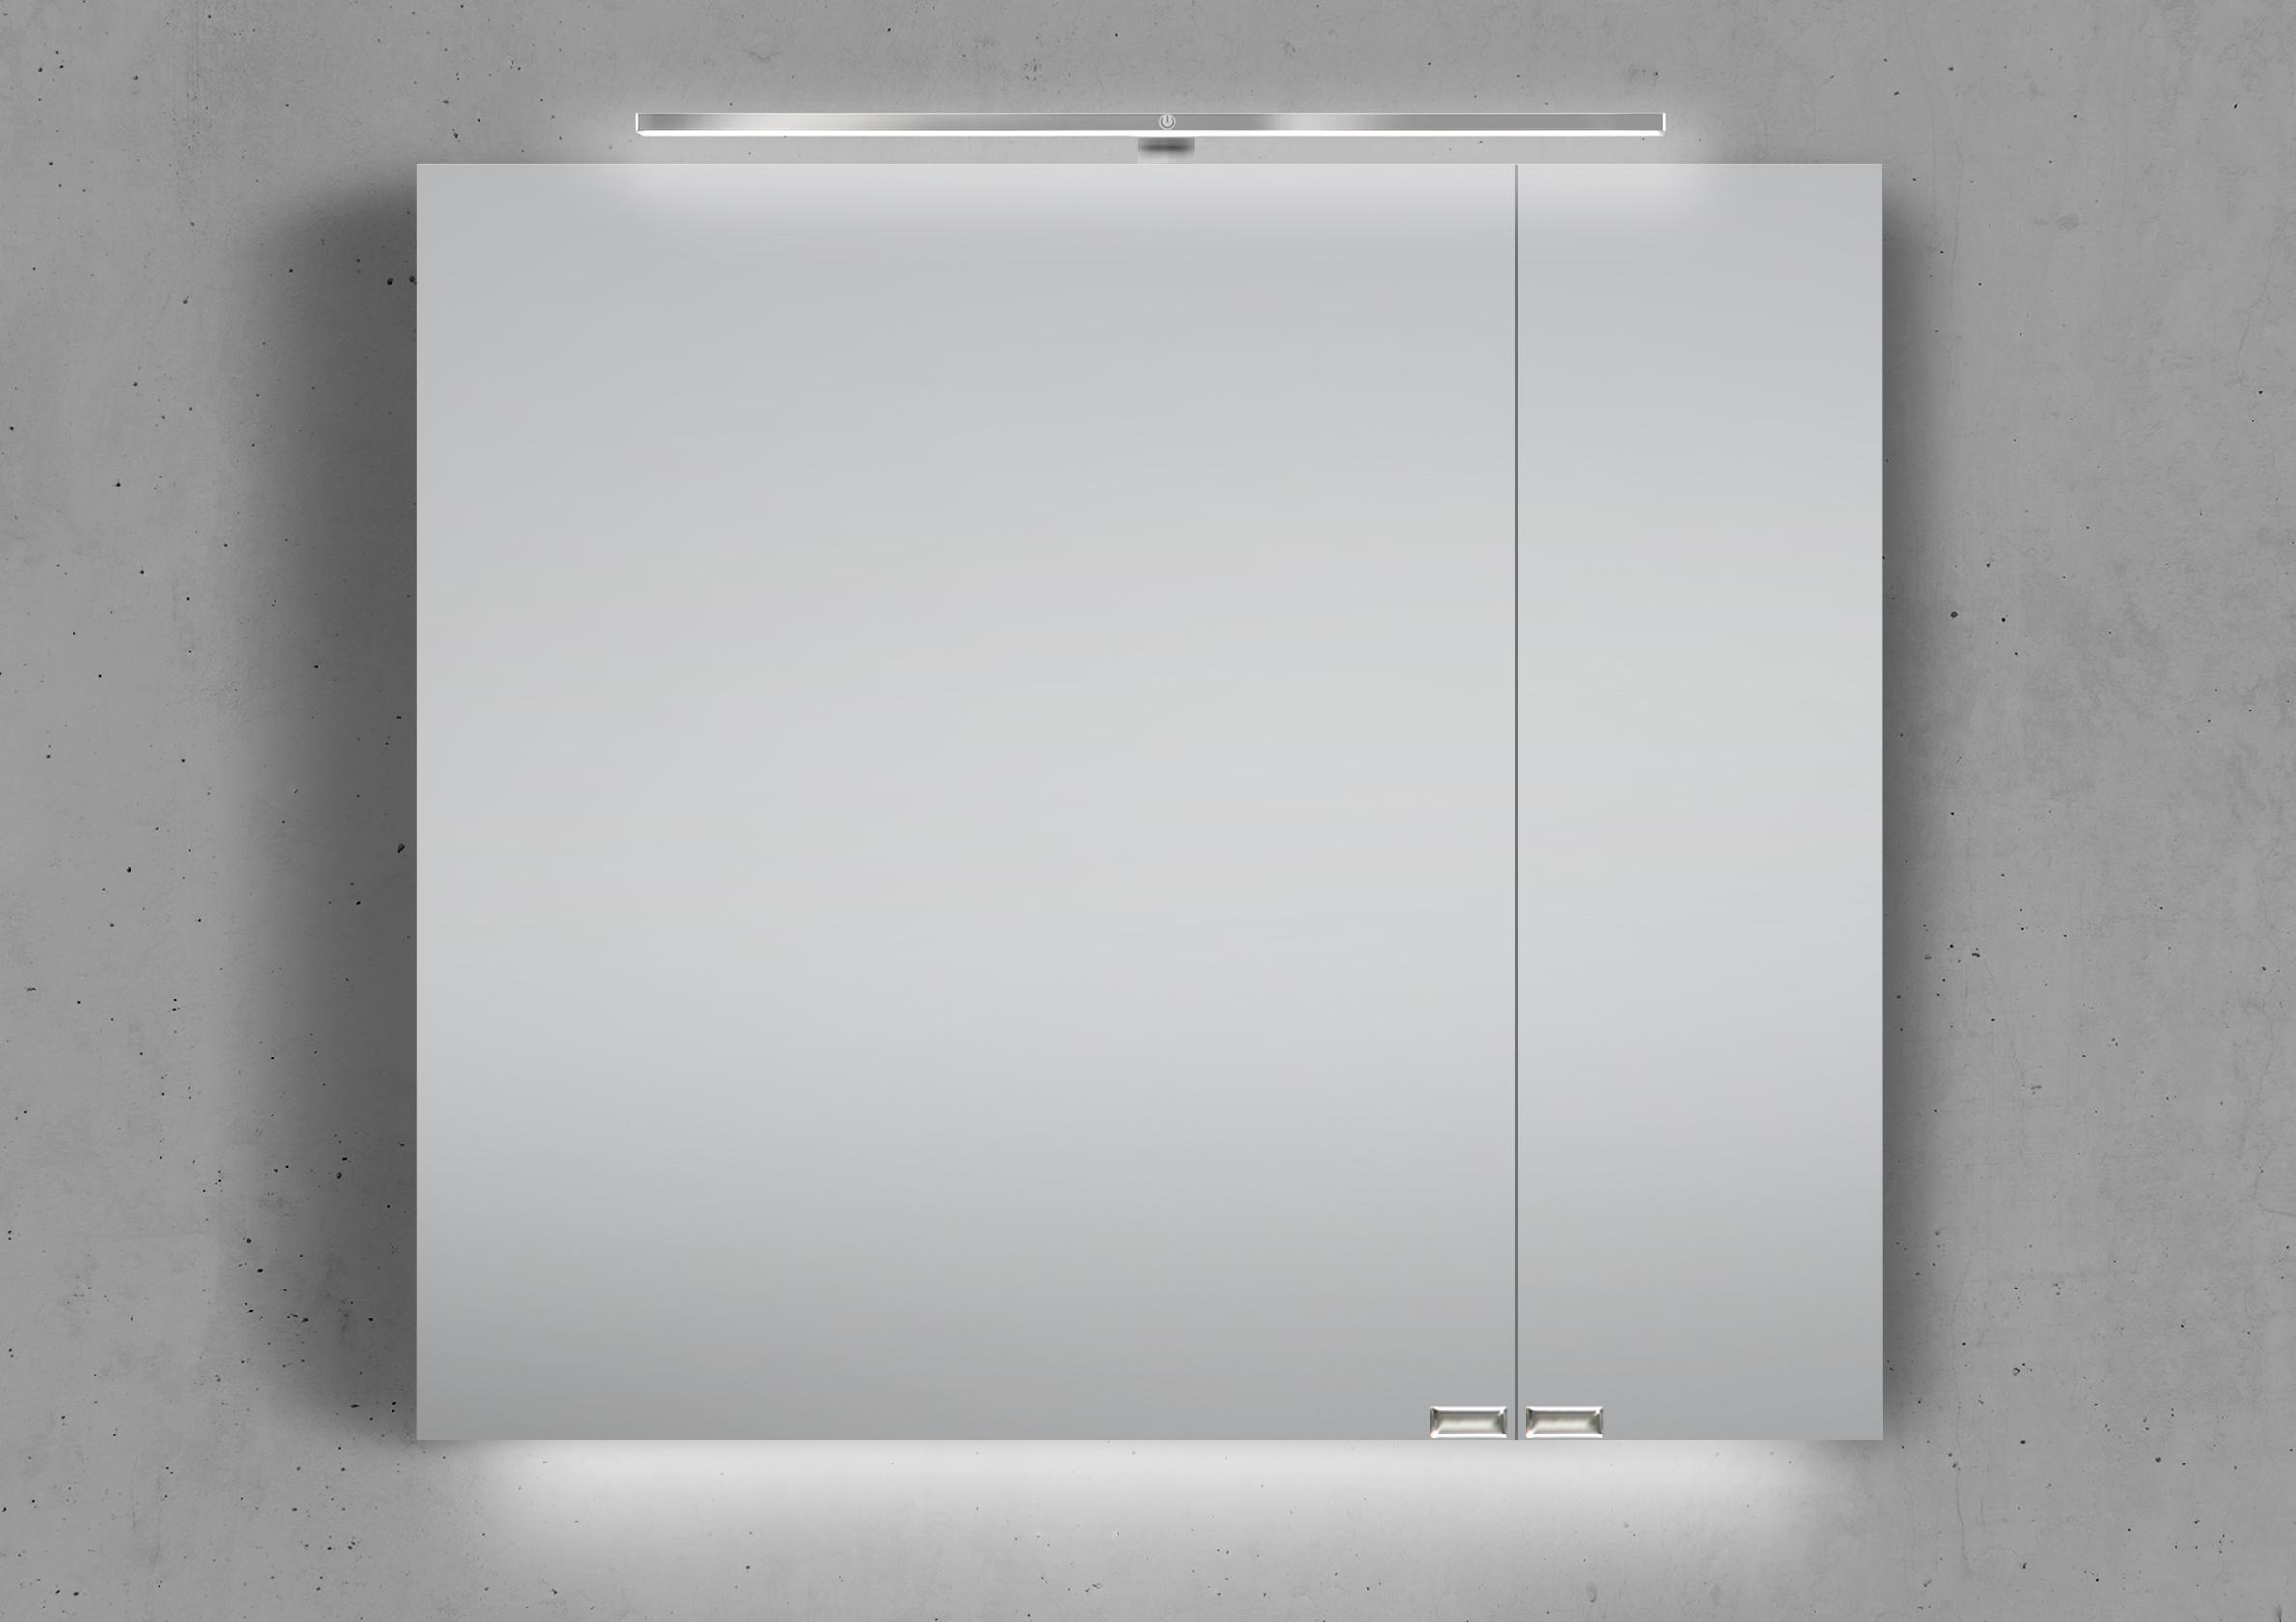 Spiegelschrank 80 cm LED Beleuchtung mit Farbwechsel doppelseitig  verspiegelt